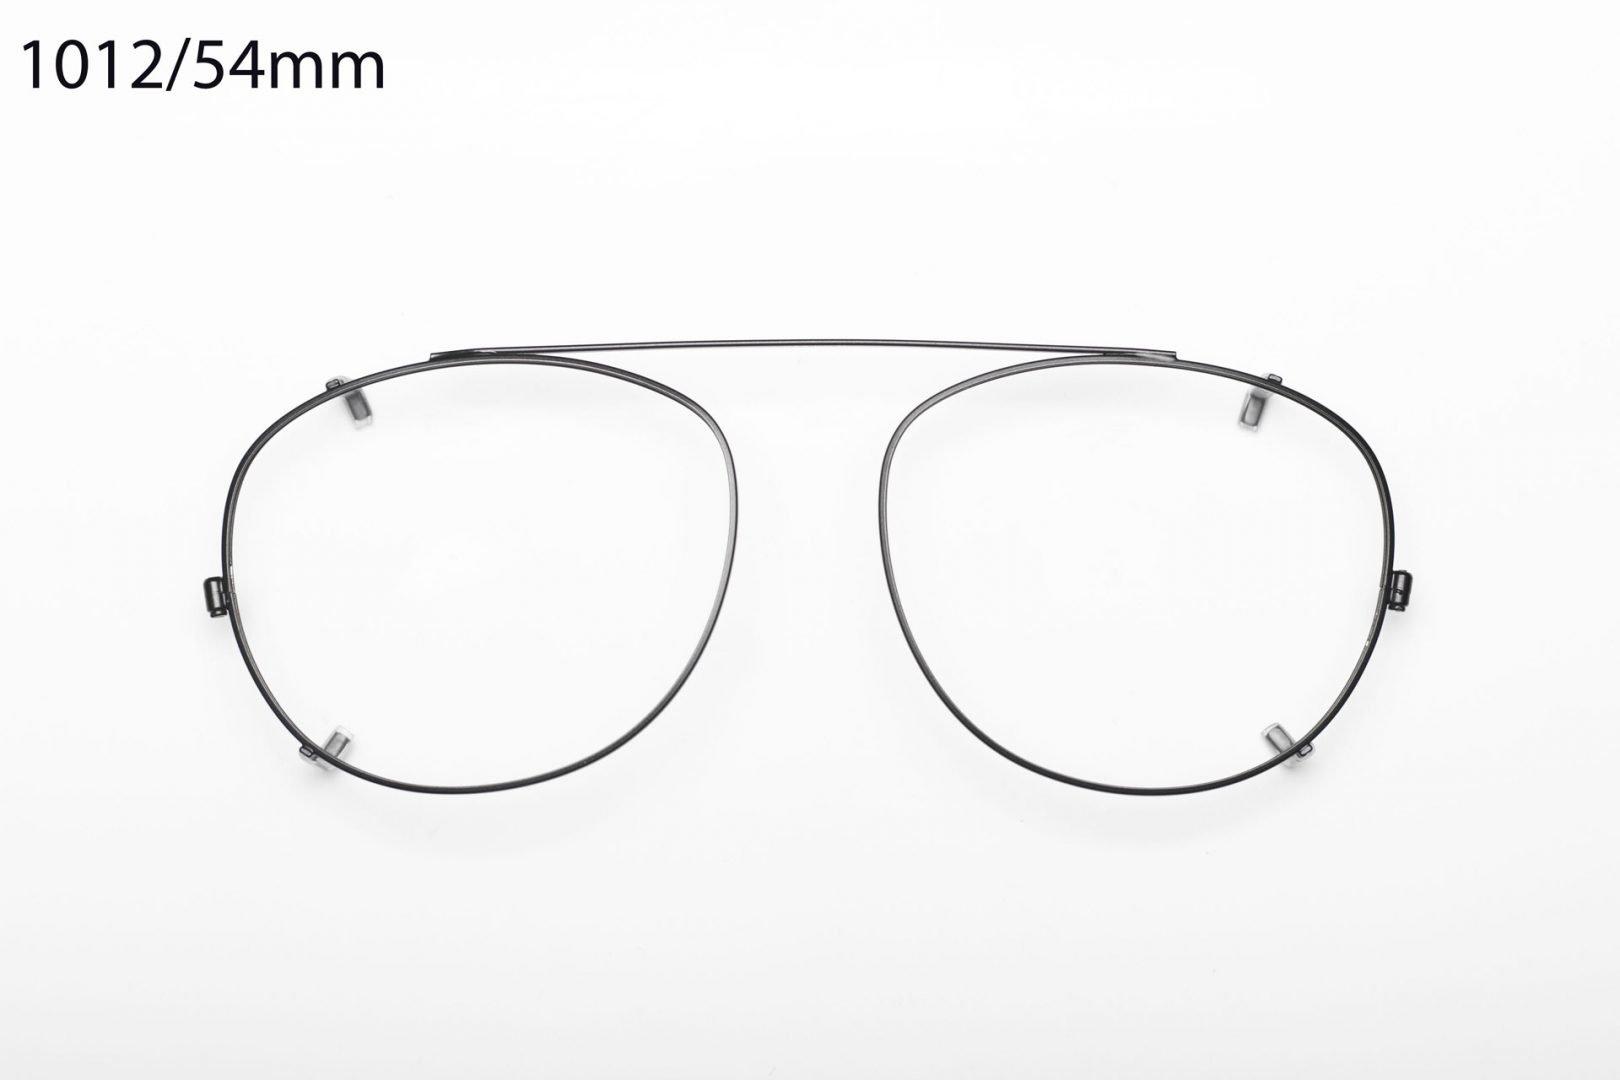 Modèle A65-101254mm